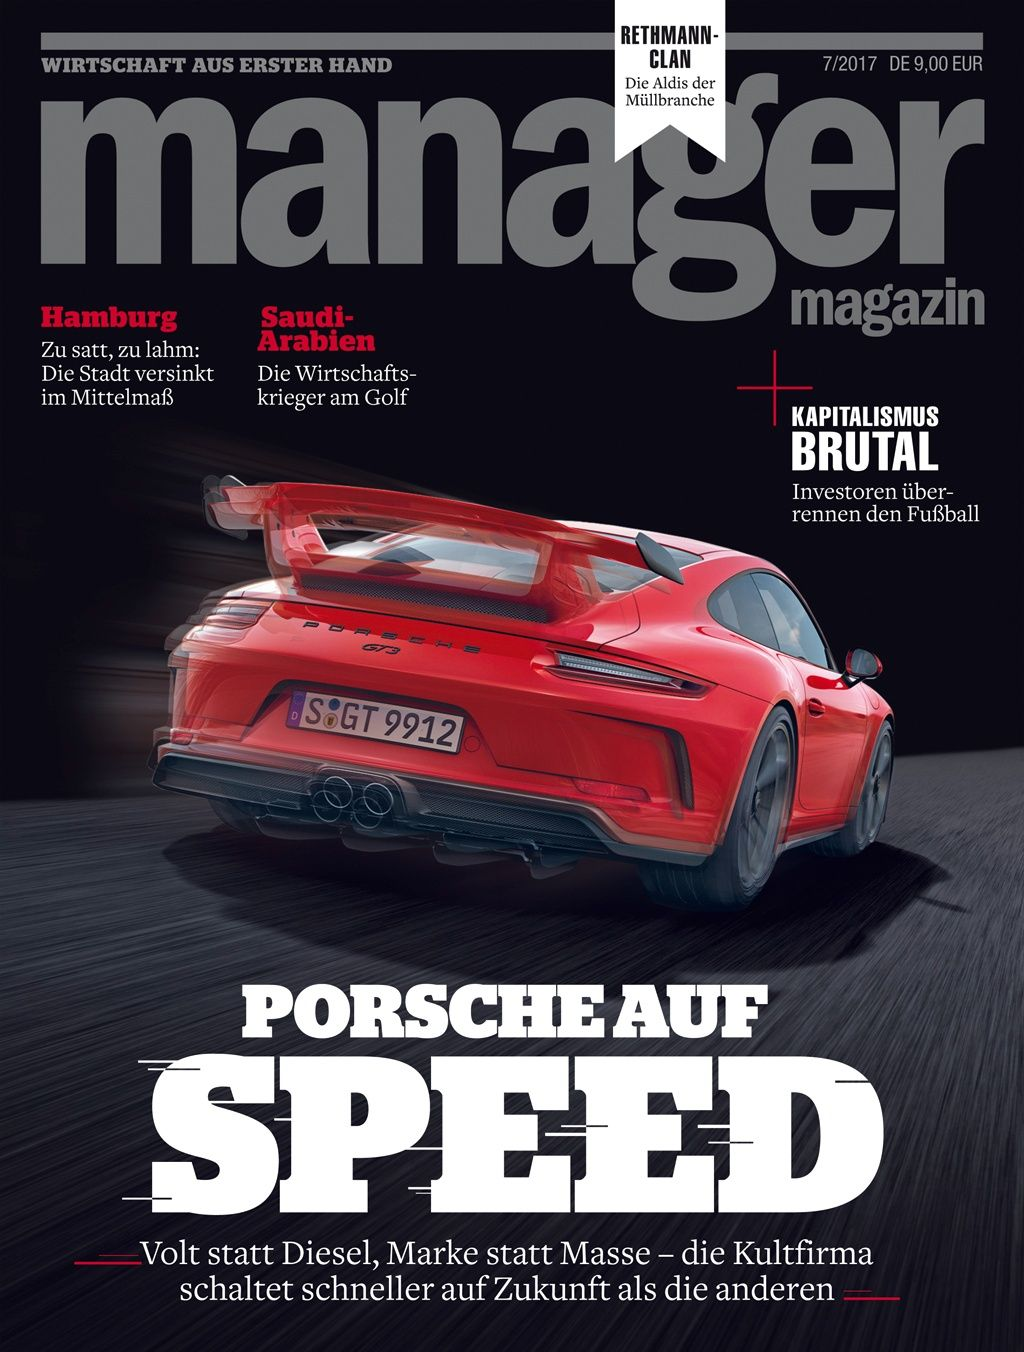 Ja Ja Stuttgart muss sauber werden!   #Porsche Vorstandschef Oliver Blume hat eine Antwort. Er plant das deutsche #Tesla, nur mit hohen Gewinnen.  Echte Innovation bedeutet nicht anderen nach zu eifern!  Dennoch viel Erfolg #Porsche   Ich weiß wie sehr #Tesla Euch ärgert